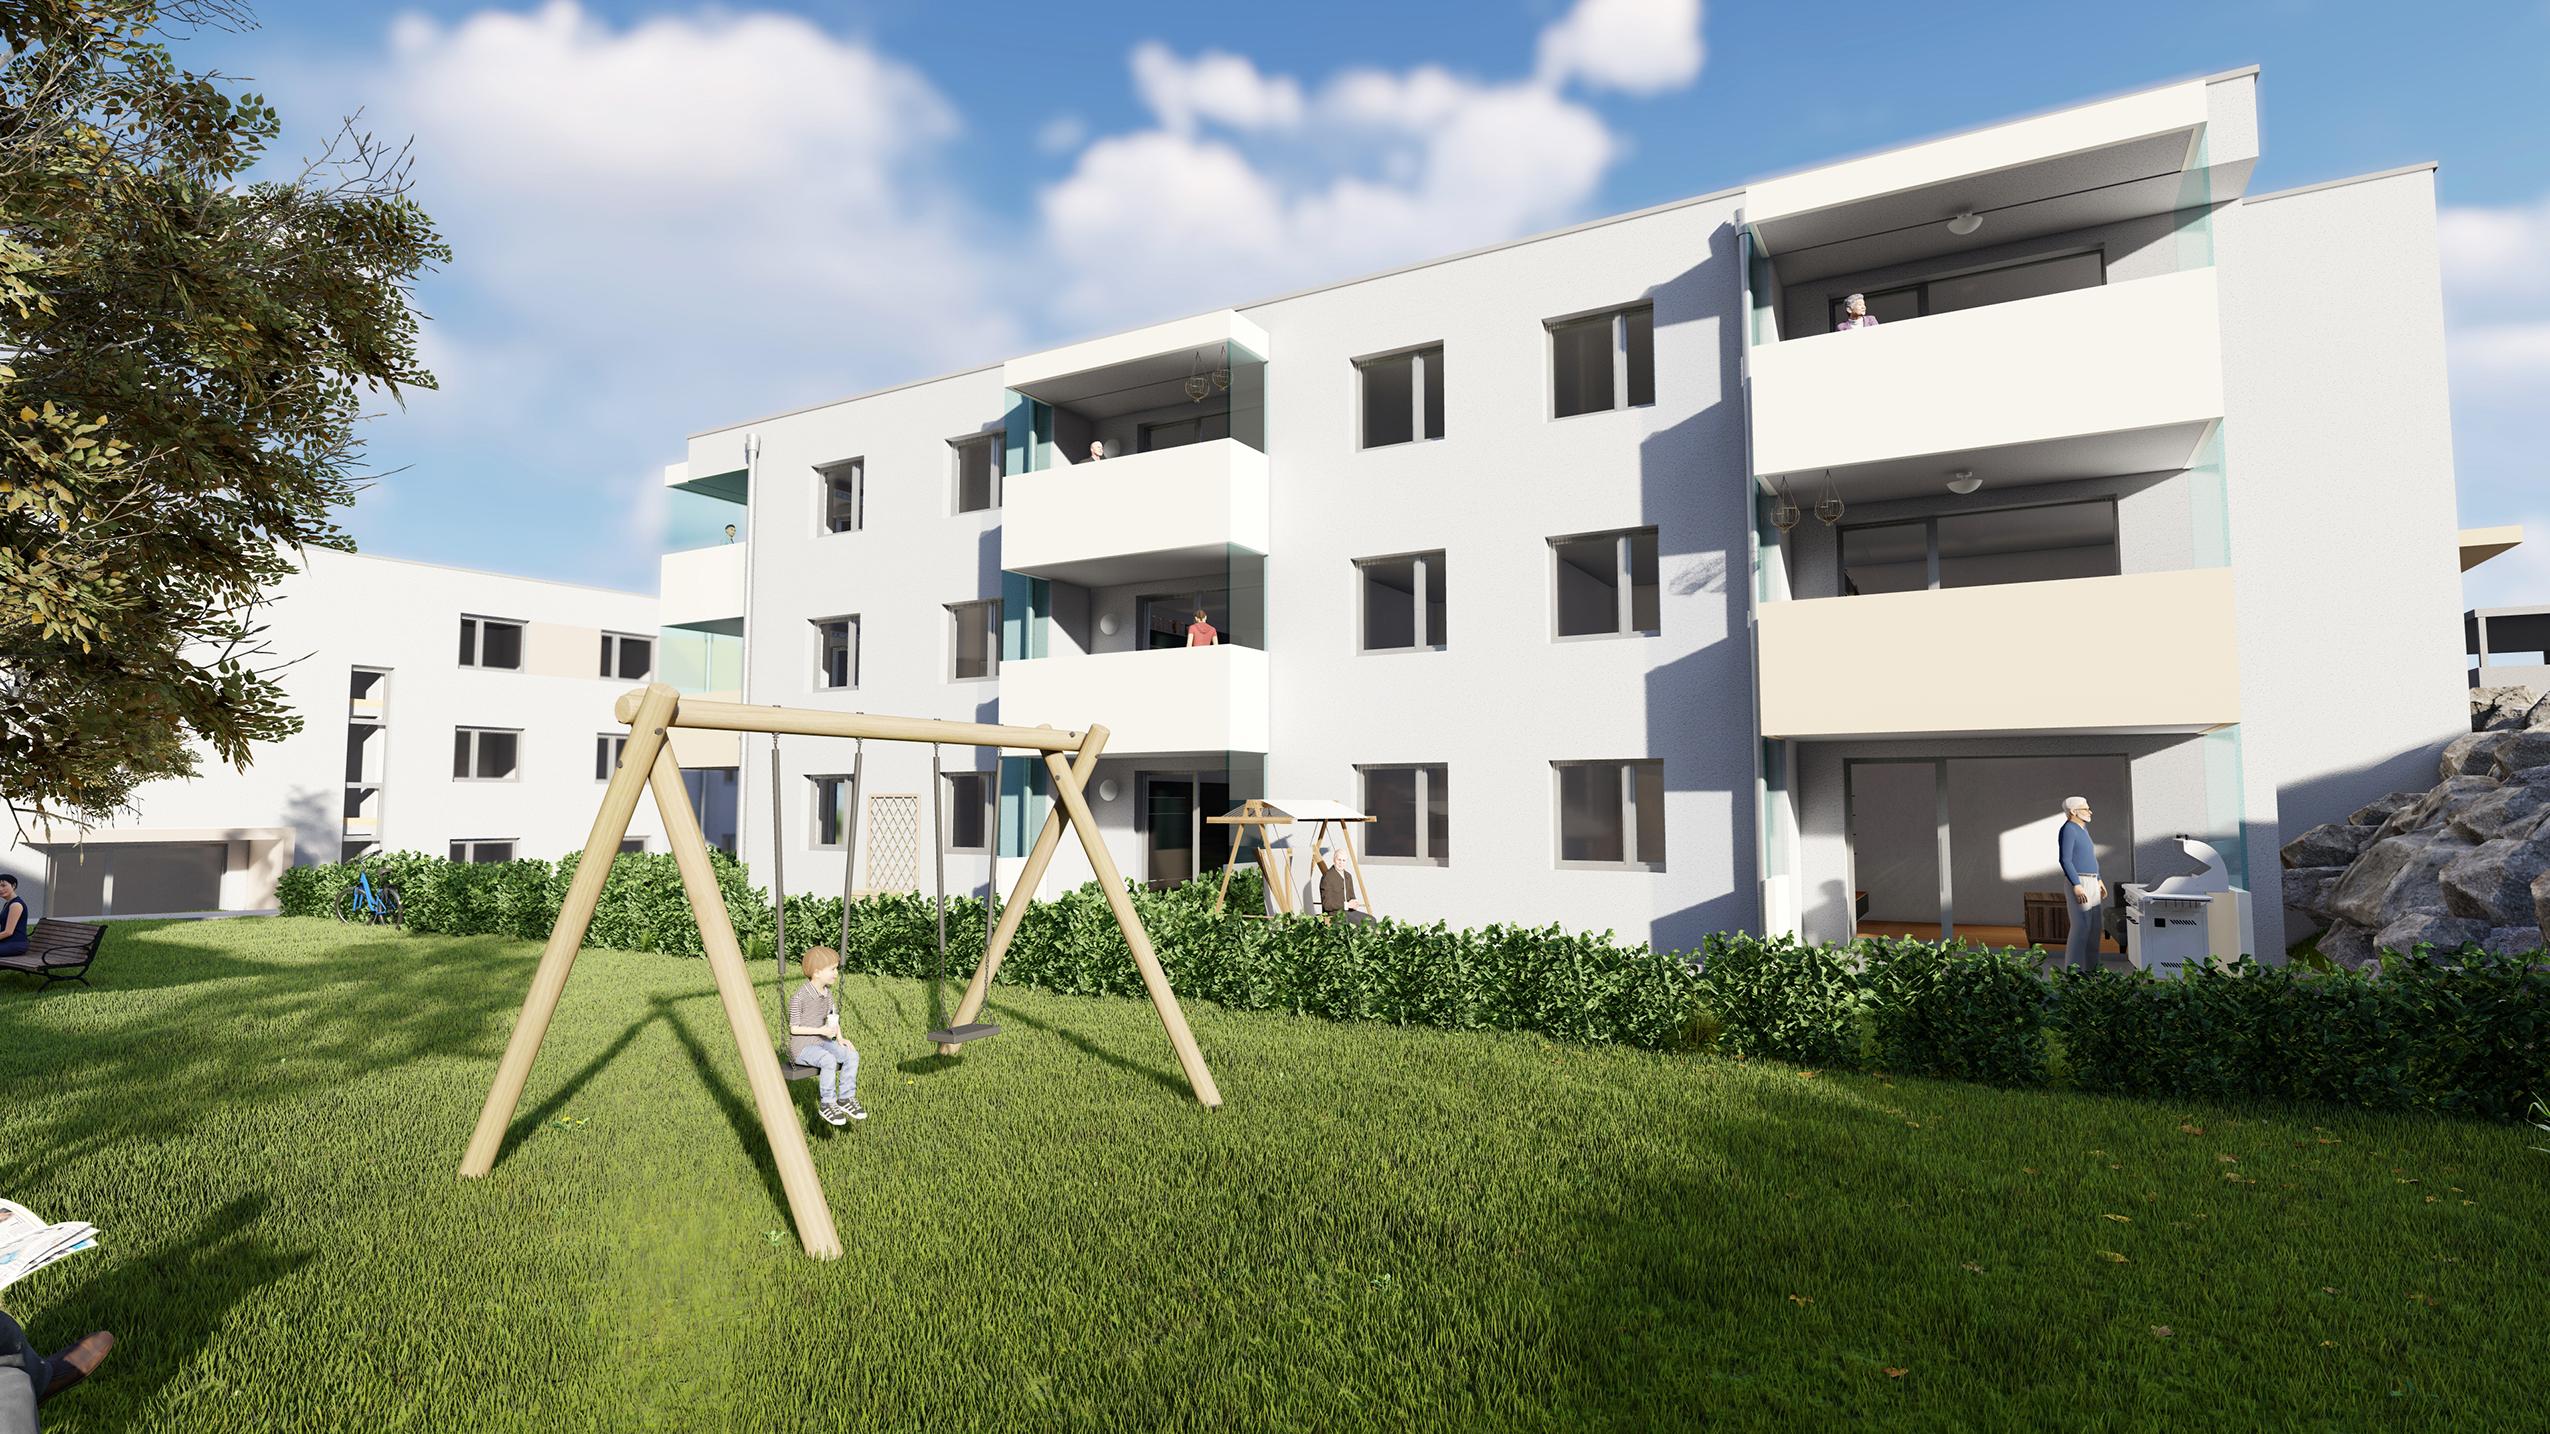 Immobilie von Lebensräume in 4490 St. Florian, Karl-Geisz-Straße 11 - 6.1 / EG #2